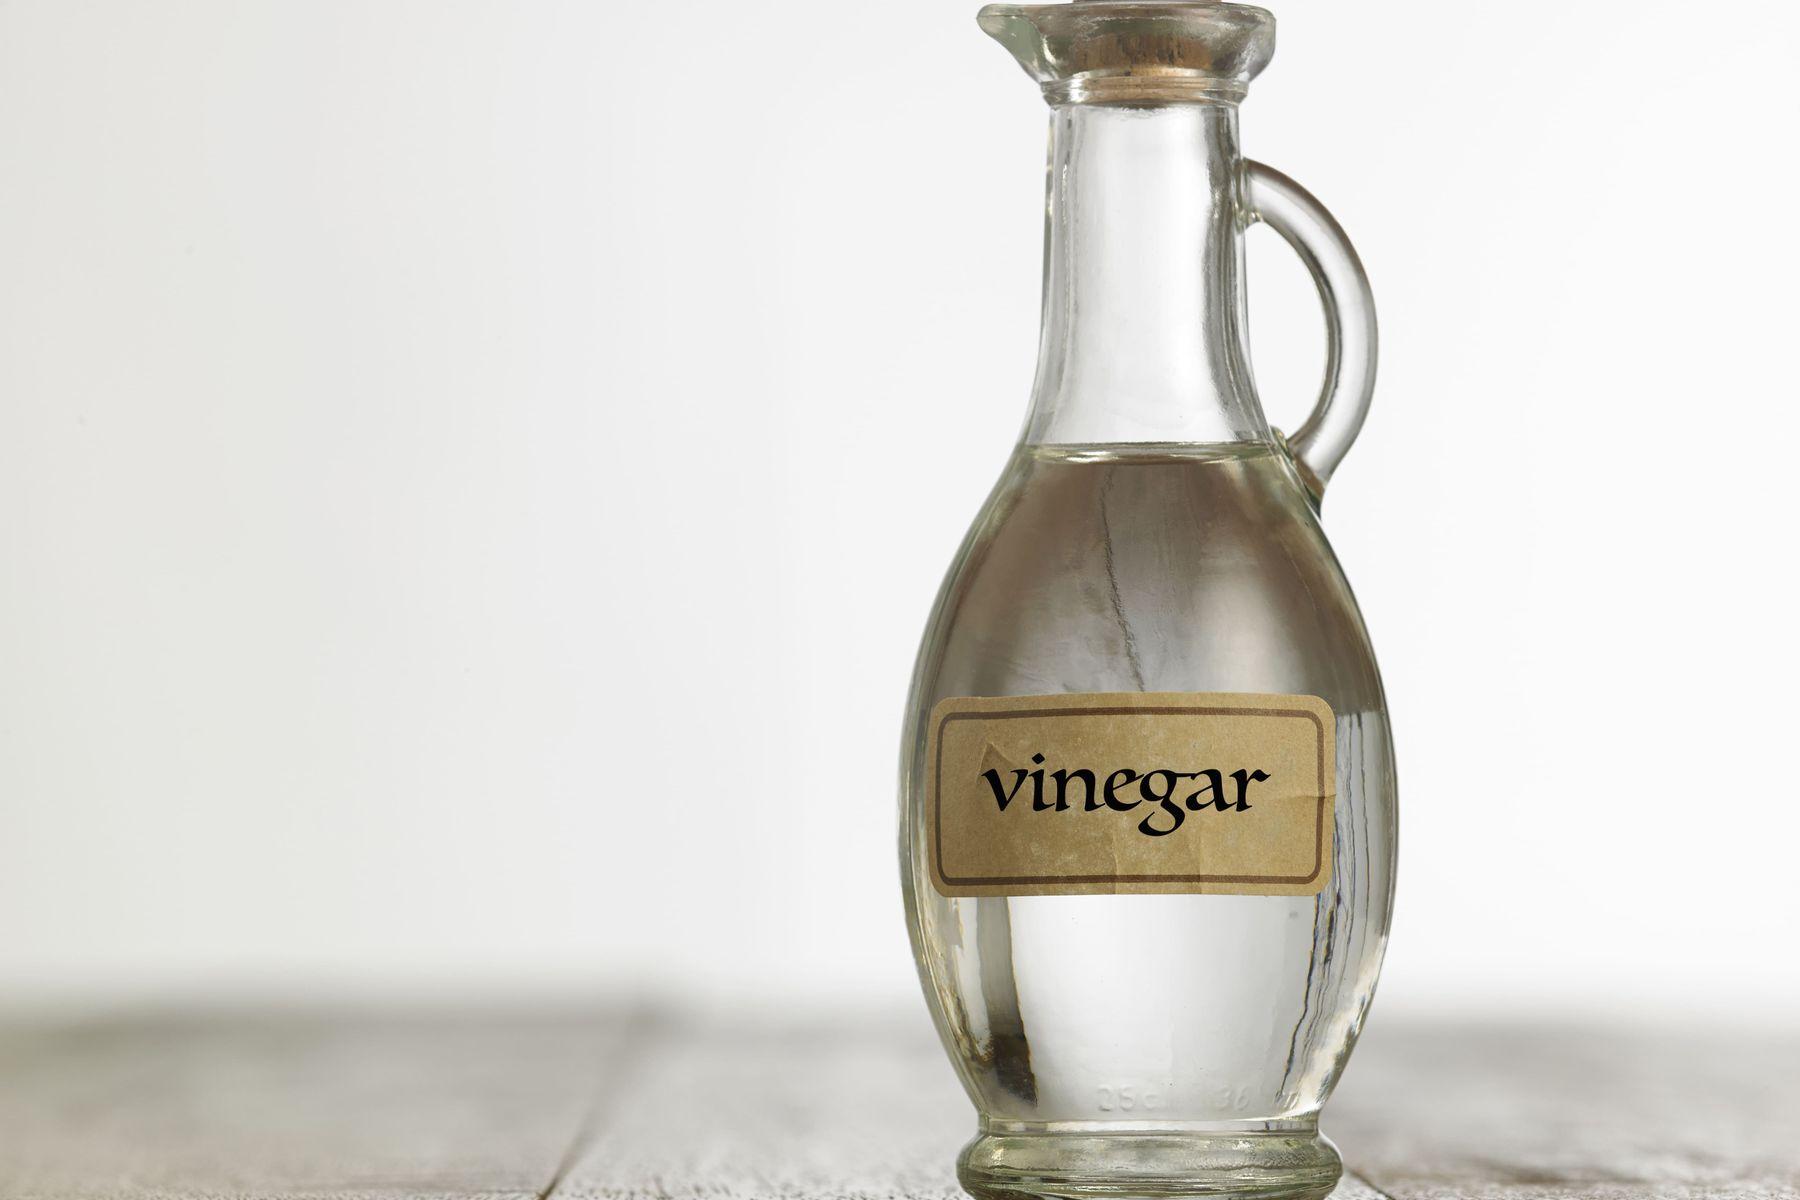 vinegar bottle with label